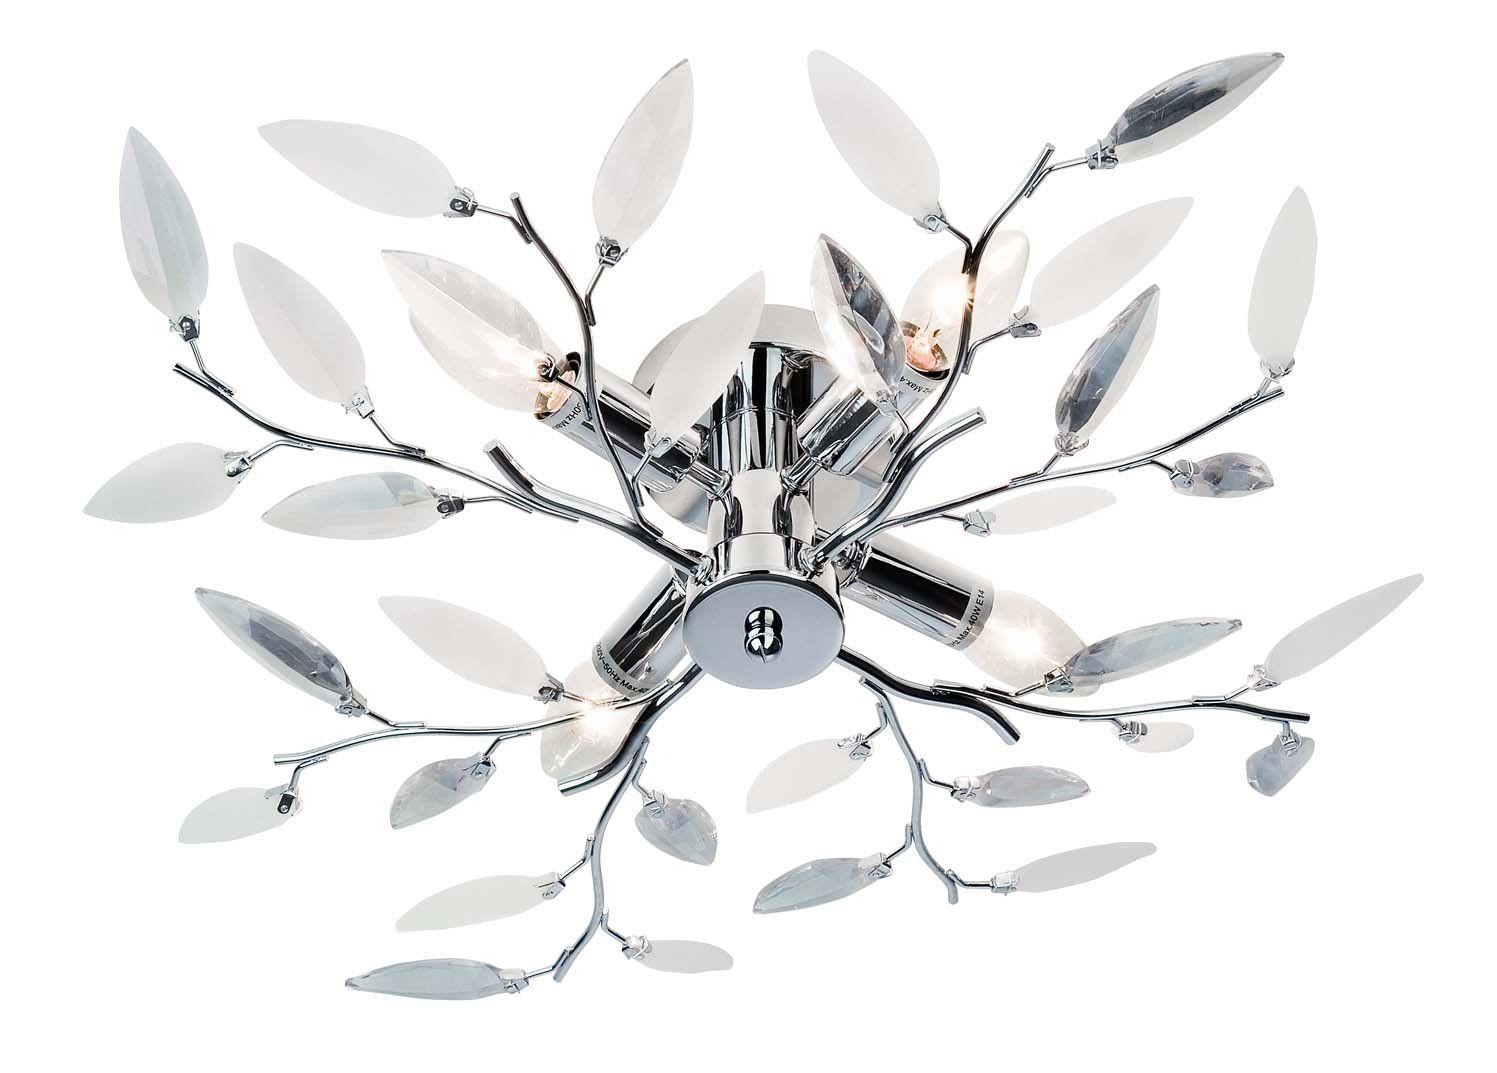 Deckenleuchte Nottingham Nino Leuchten Aus Metall Kunststoff In Silberfarben Klar Weiss In Romantik Design Kla Deckenlampe Deckenleuchten Design Nottingham